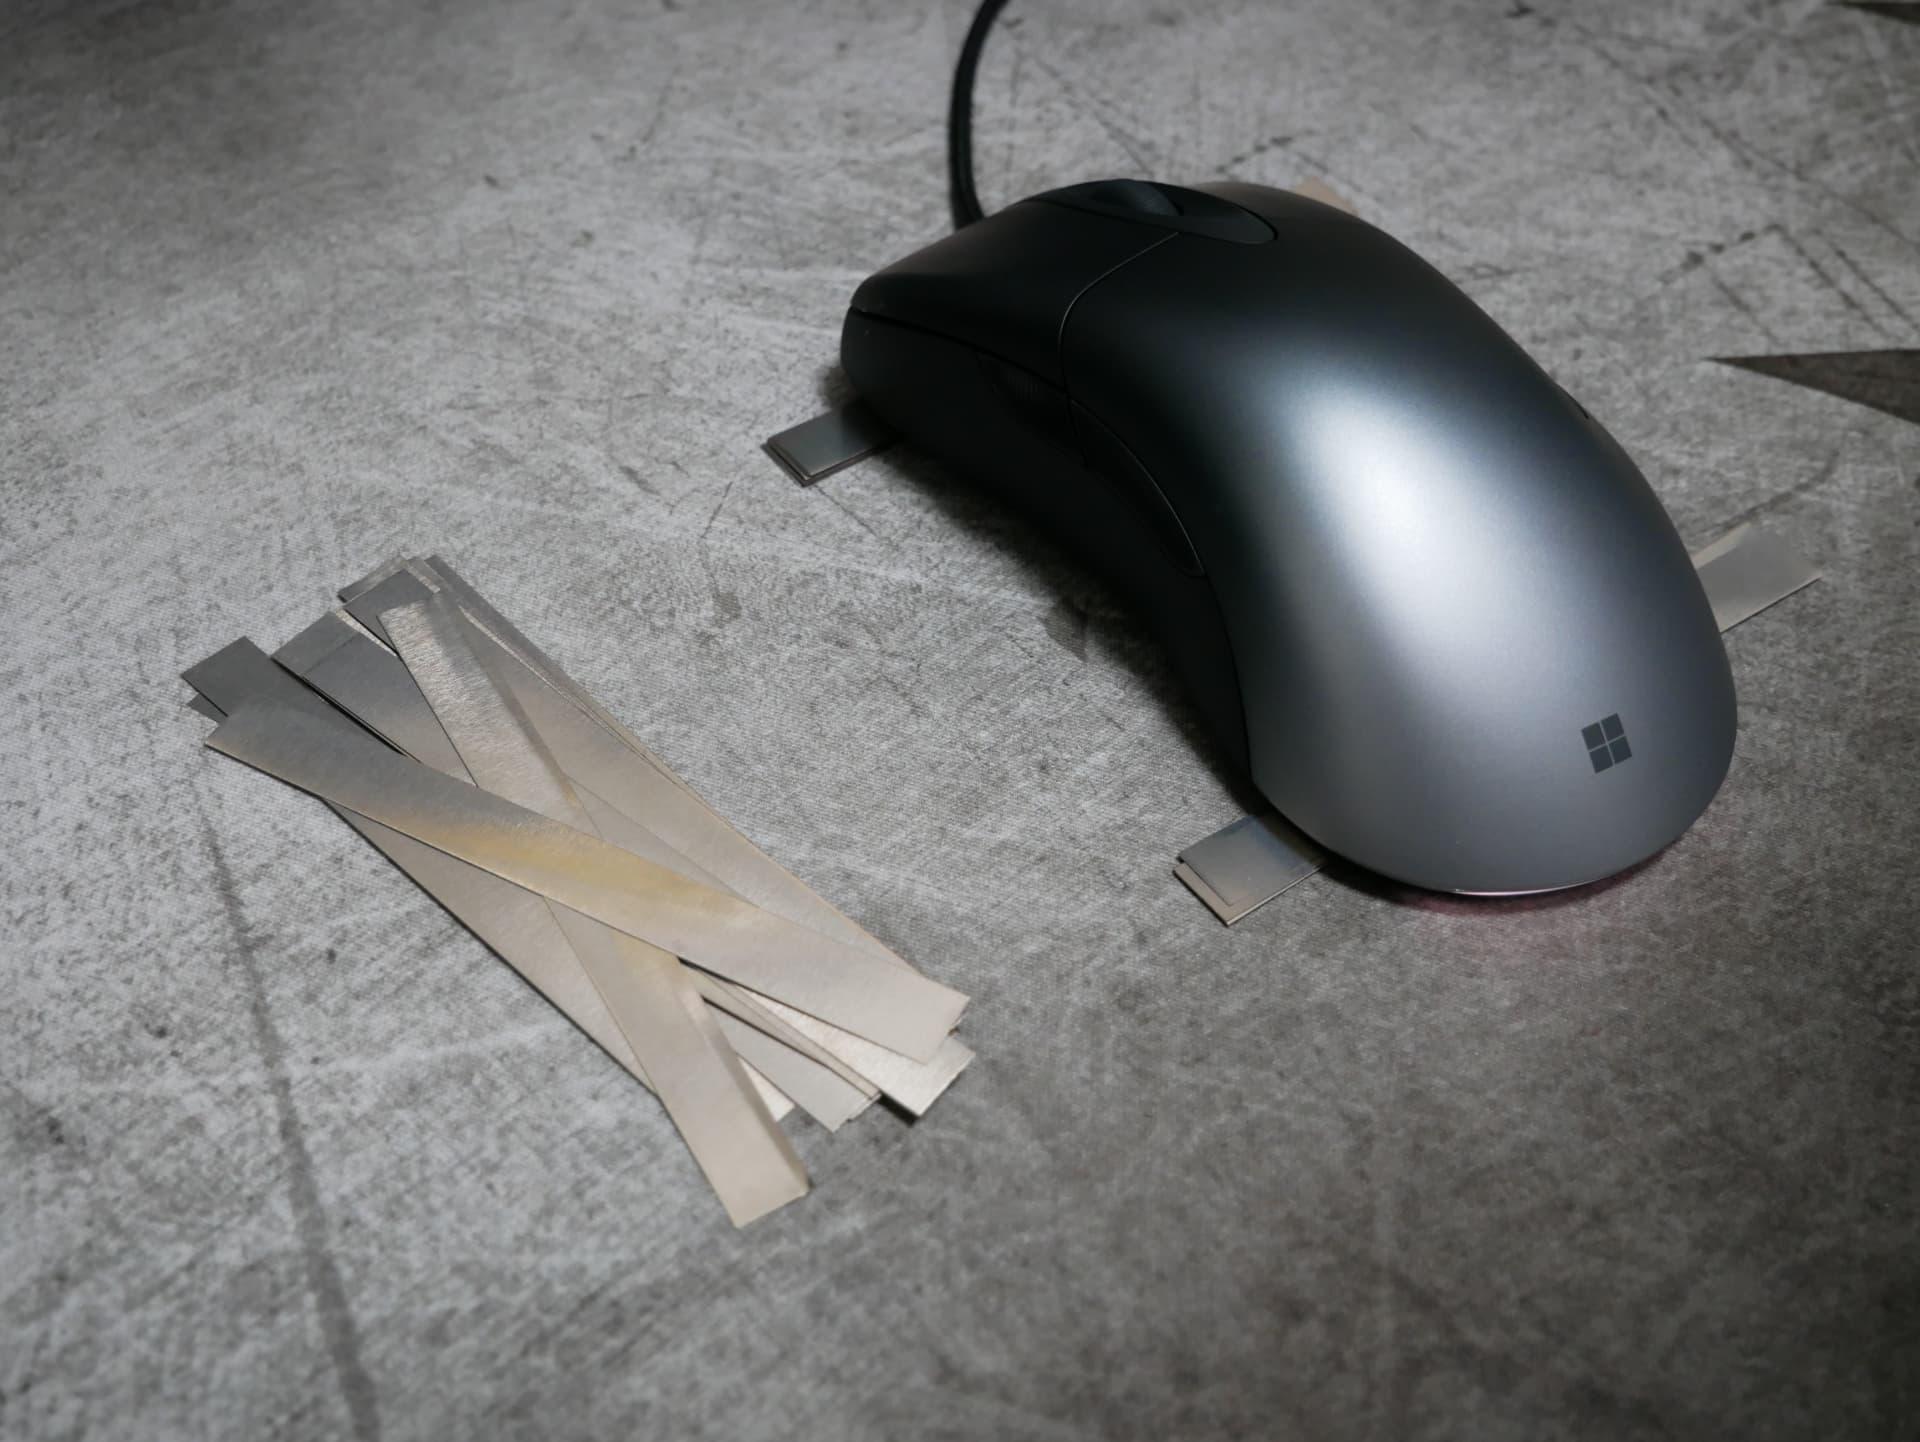 ゲーミングマウスのリフトオフディスタンス(LoD)を短くする方法